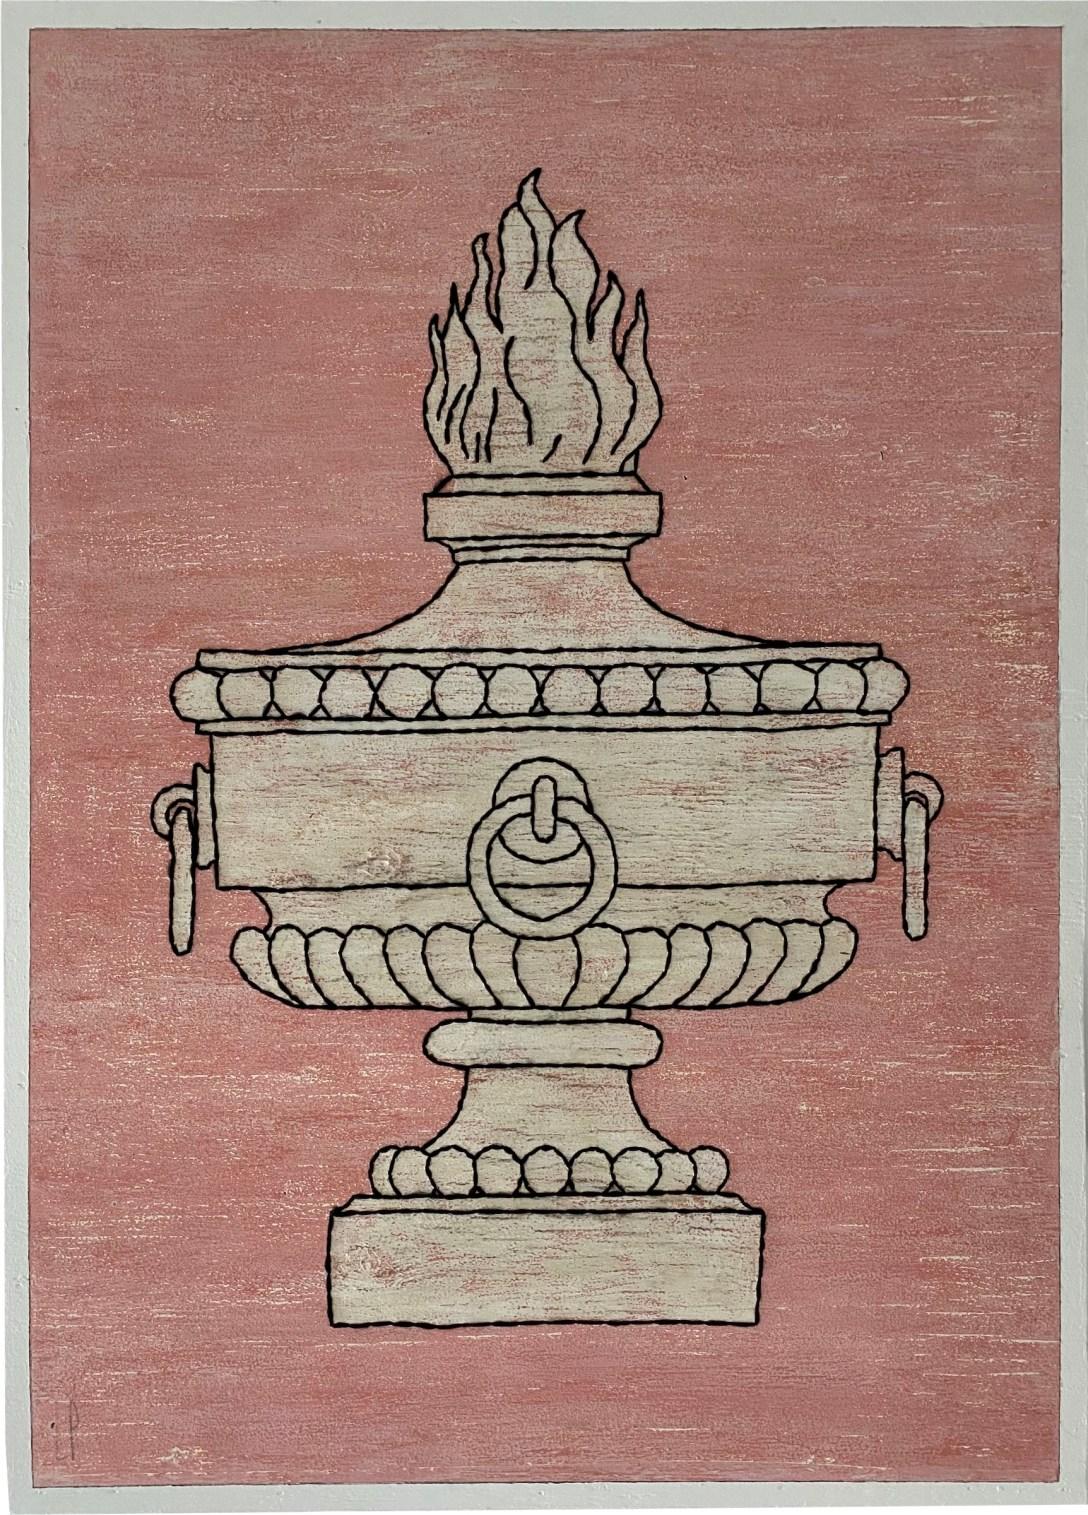 Un pot à feu / Luc Pallegoix, 2021. Acrylique et encaustique sur panneau de contreplaqué, percé et brodé au Phentex. 122 x 89 cm.